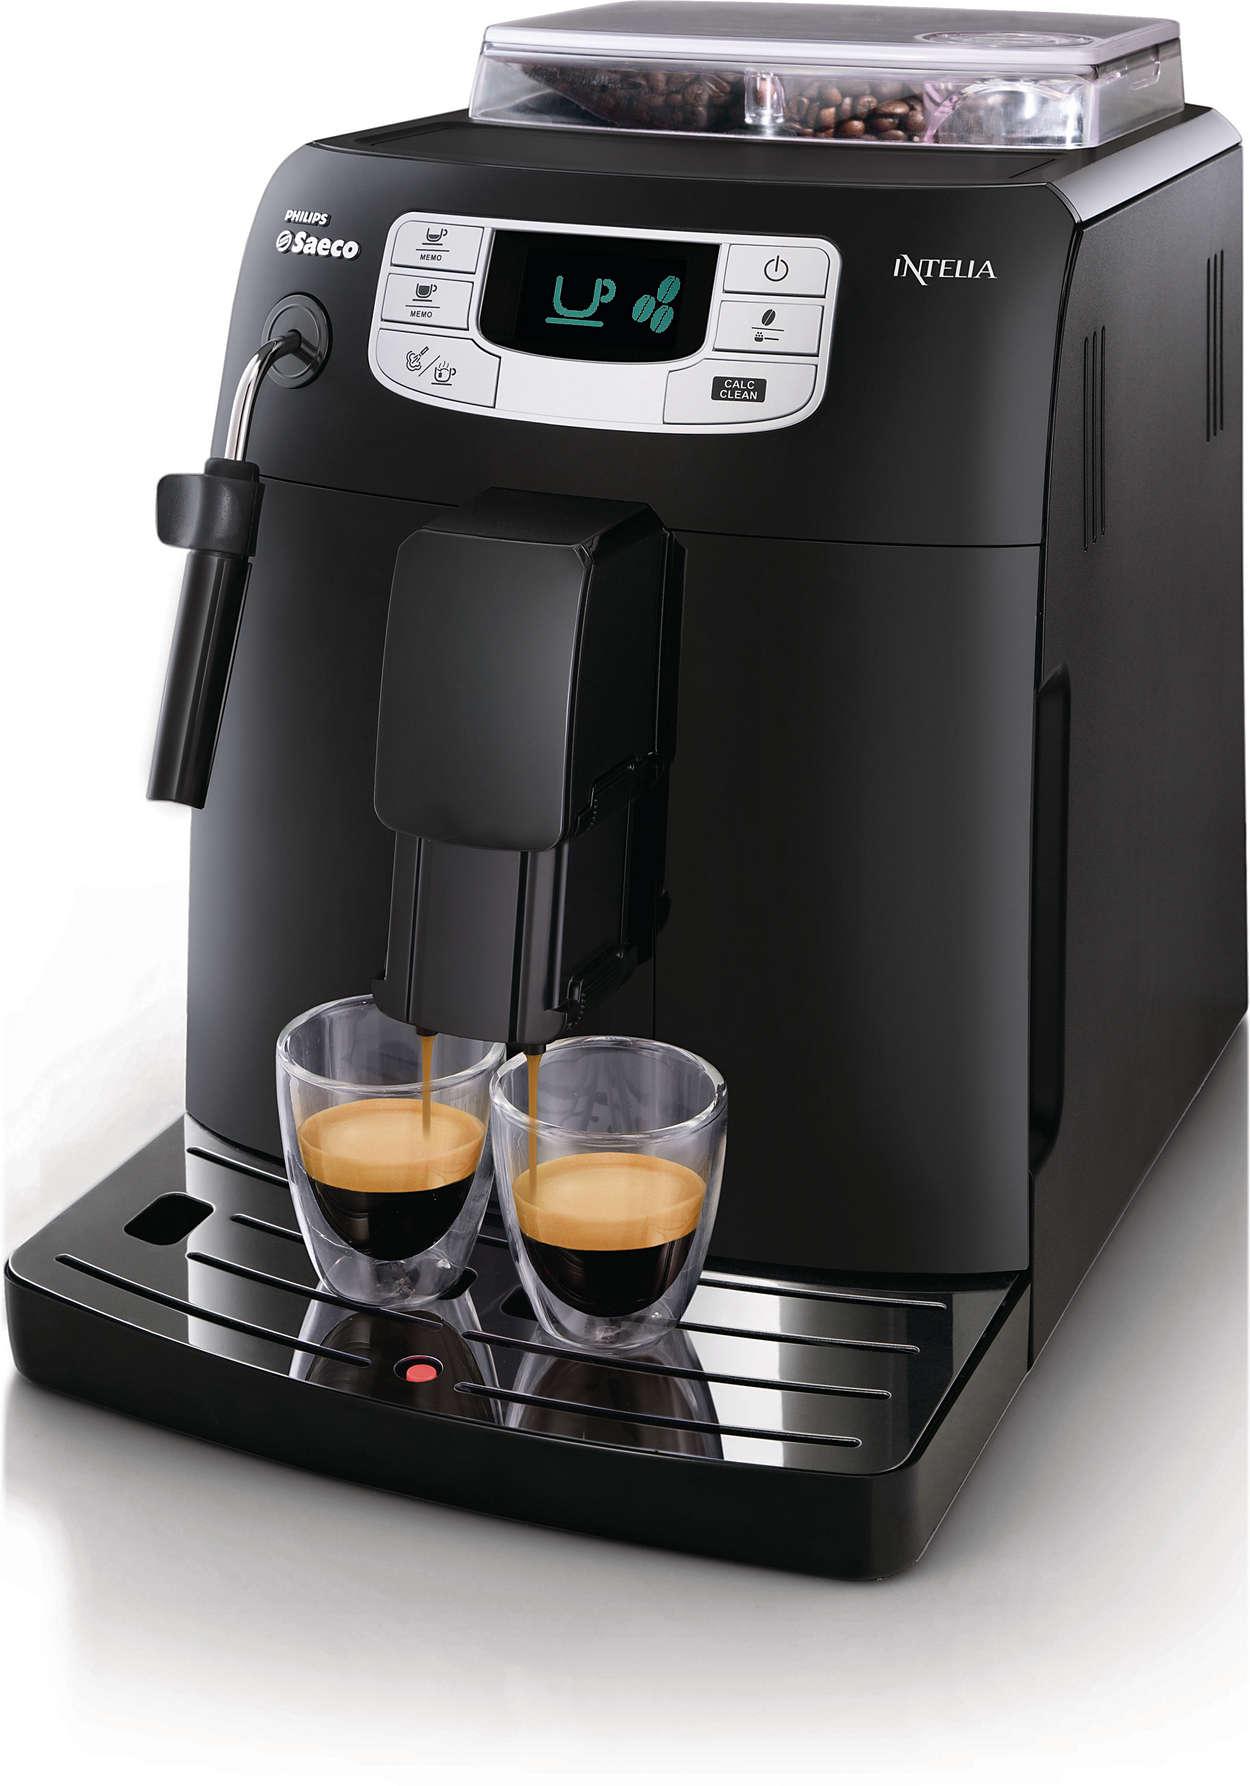 Perfekter Espresso